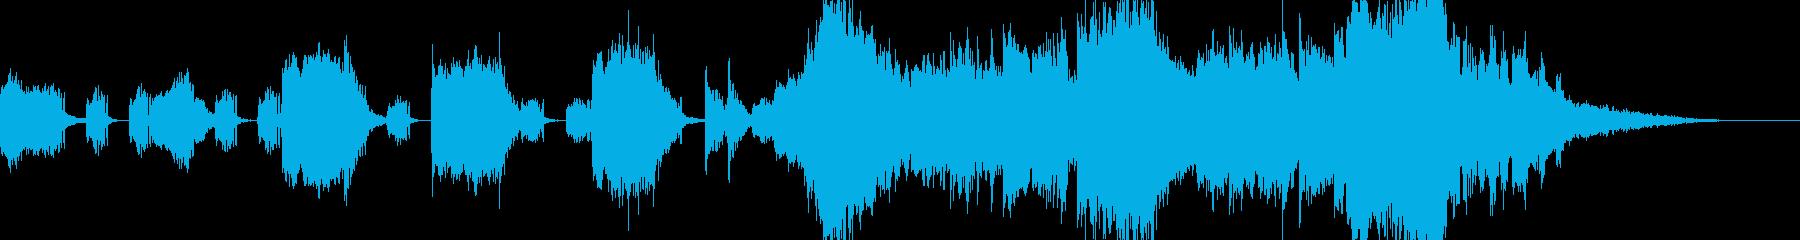 オーケストラ 警告音 危機感 予告動画の再生済みの波形